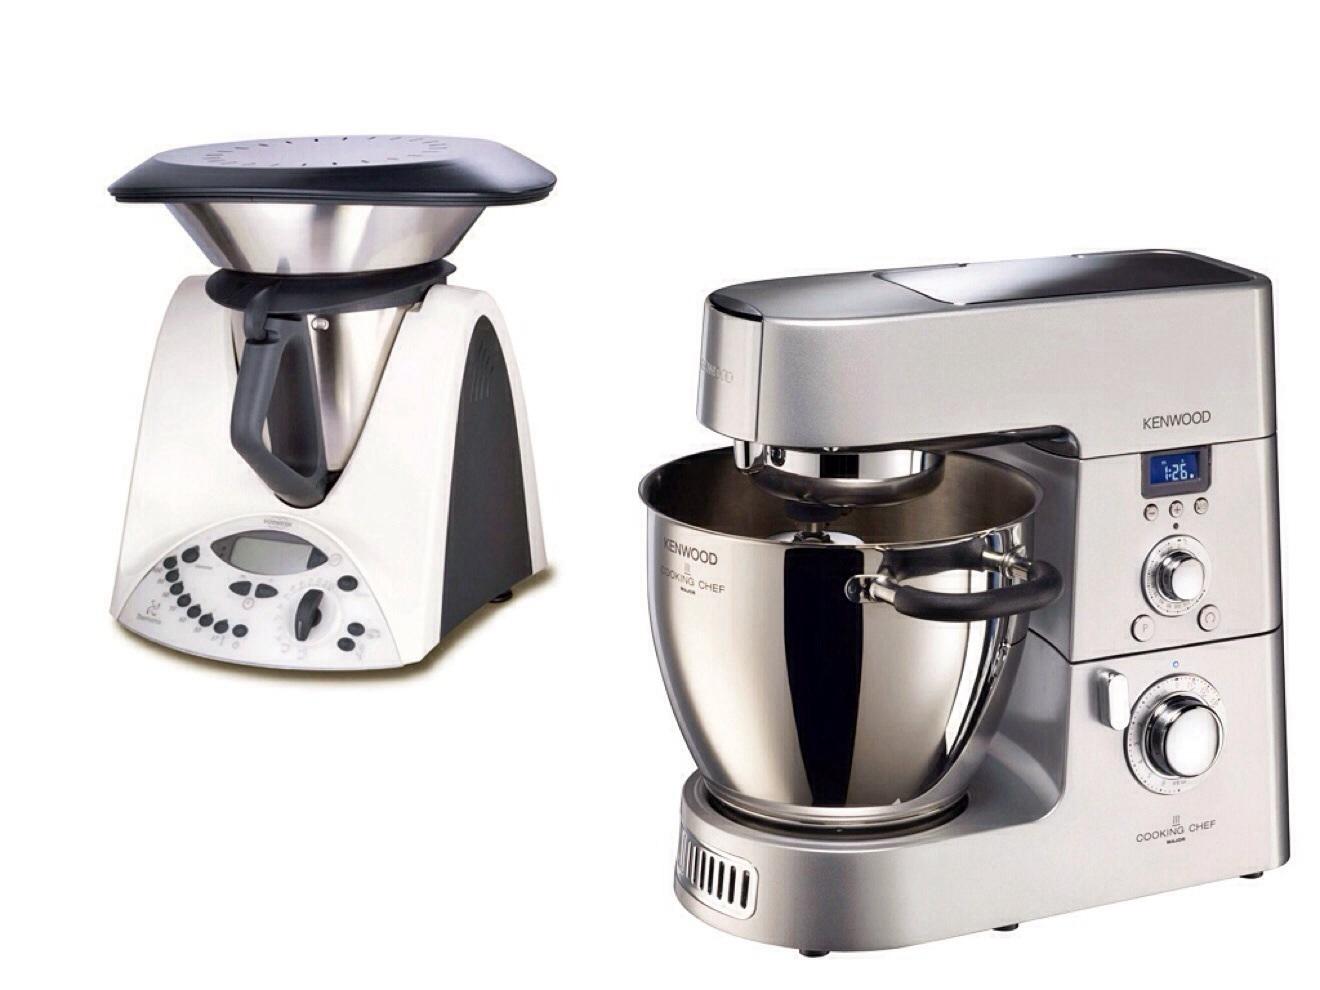 Differenze tra il bimby tm31 della vorwerk e il cooking chef della kenwood - Robot da cucina kenwood cooking chef ...